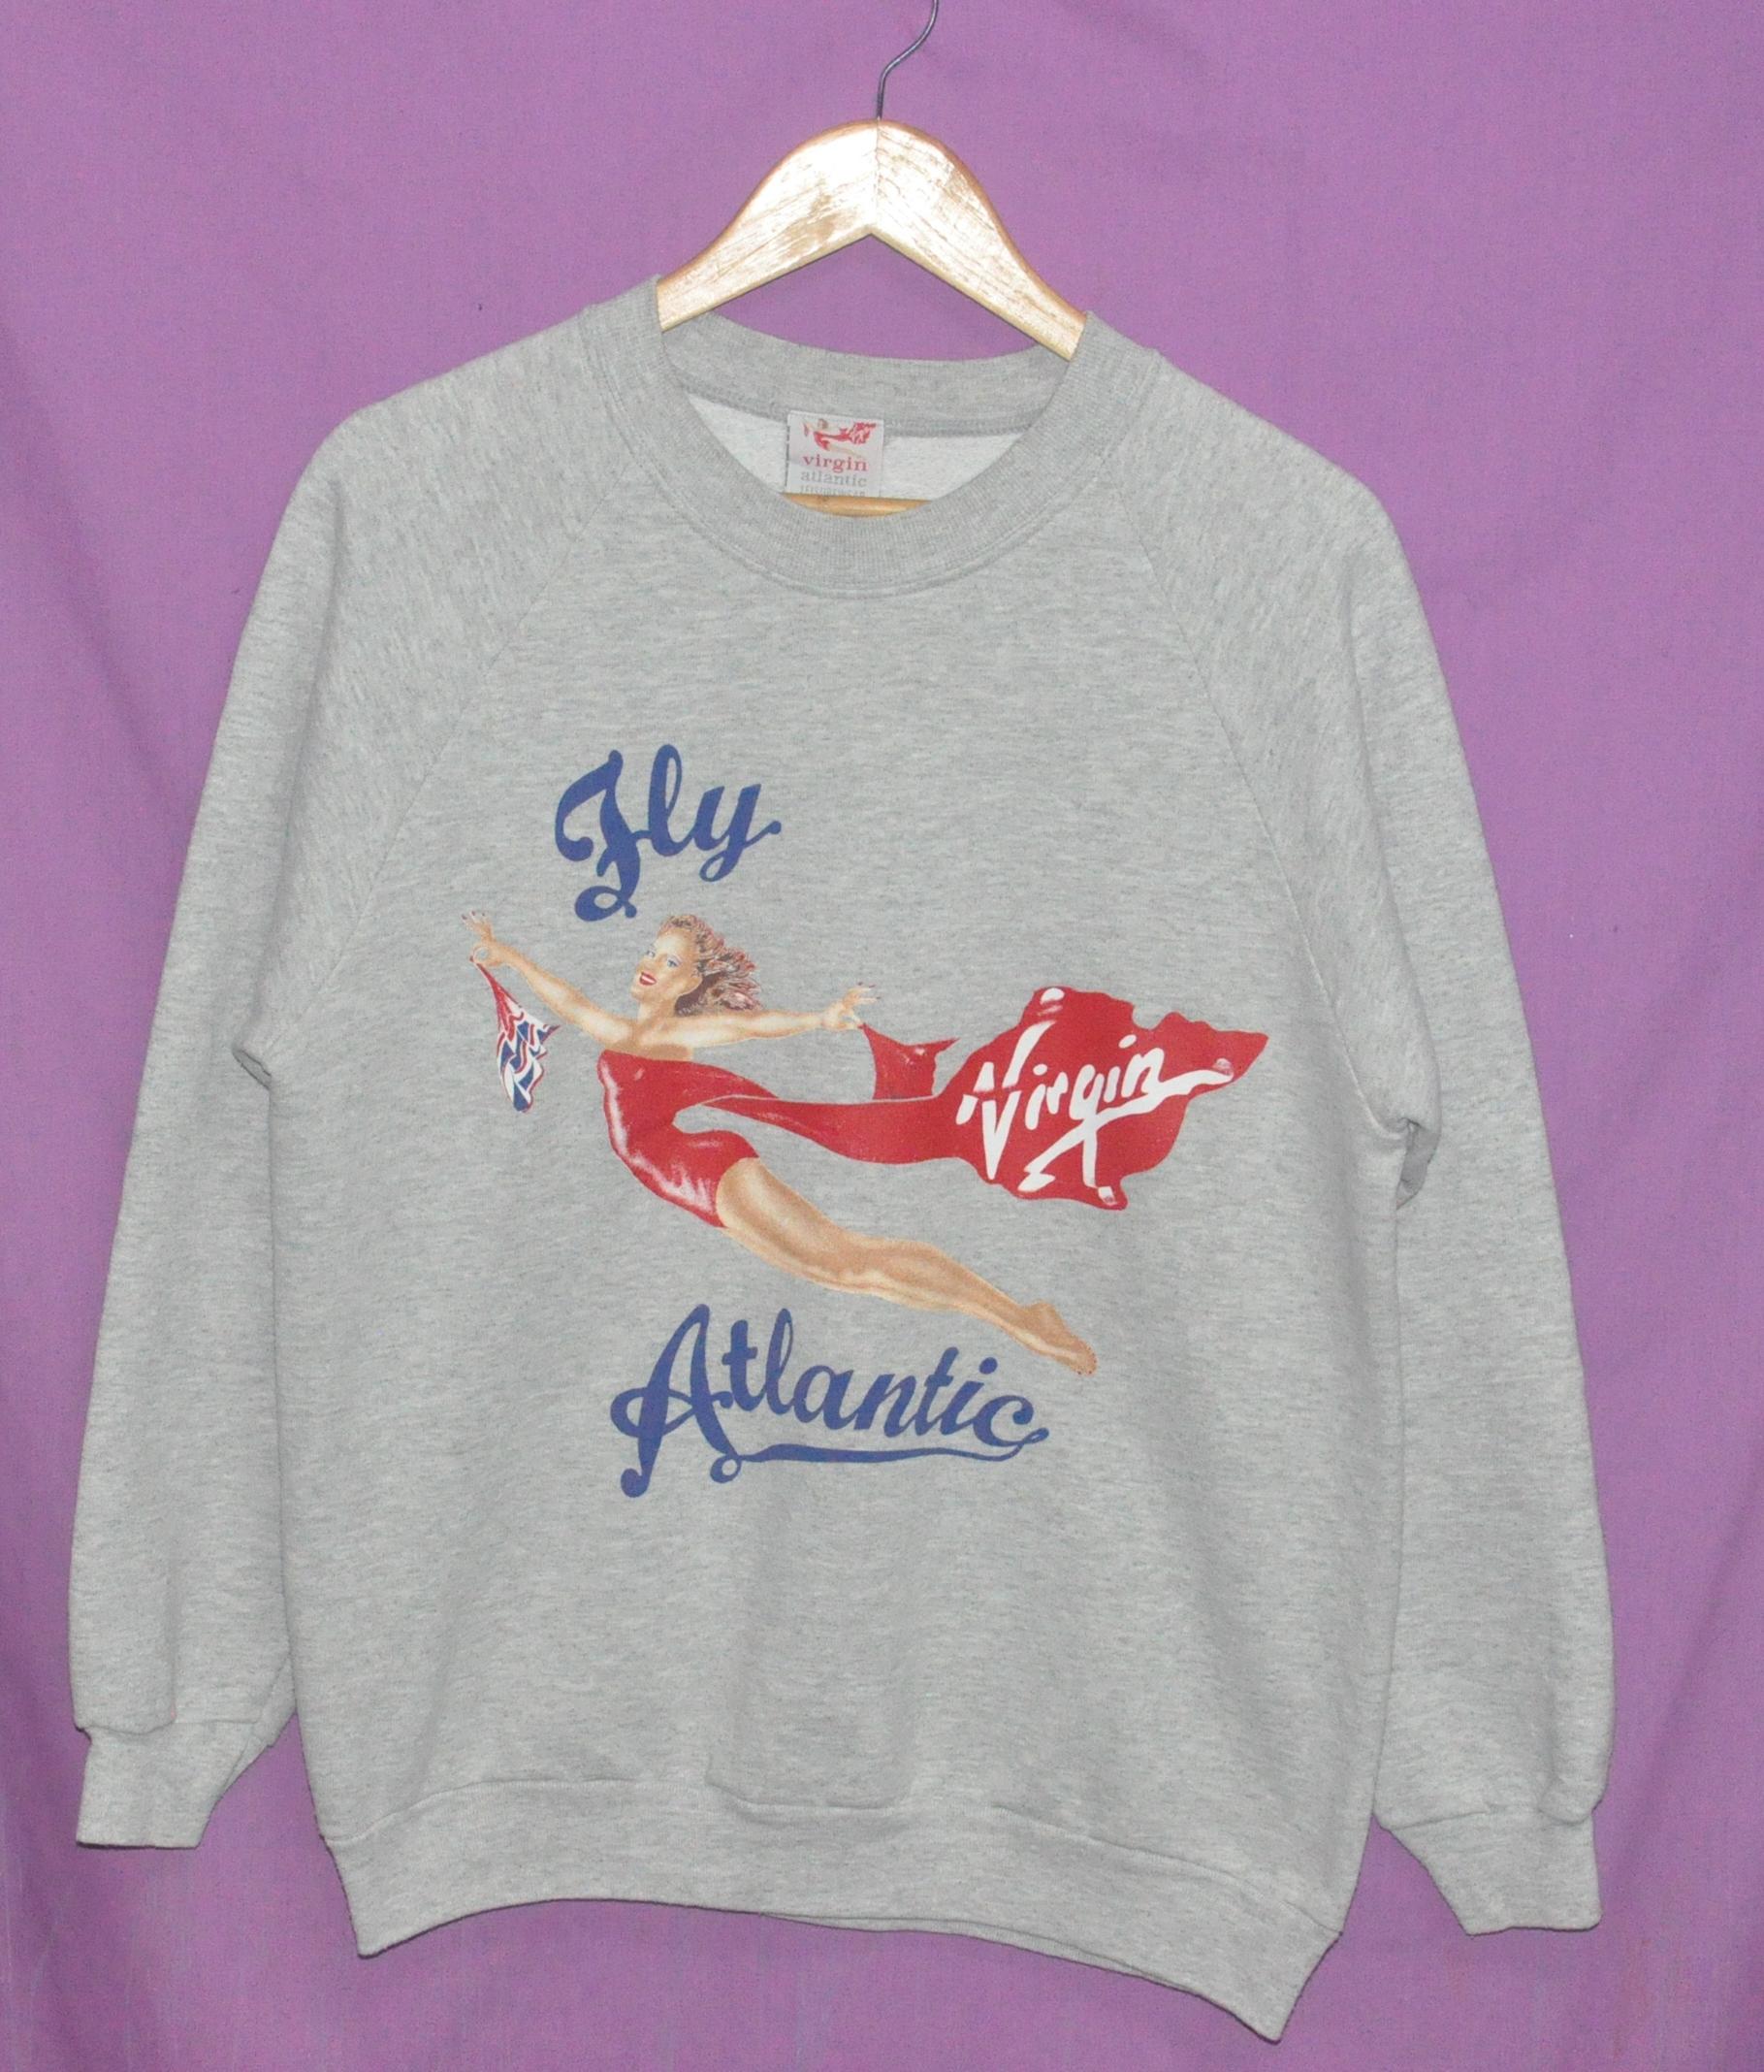 Vintage Virgin Fly Atlantic Sweatshirt